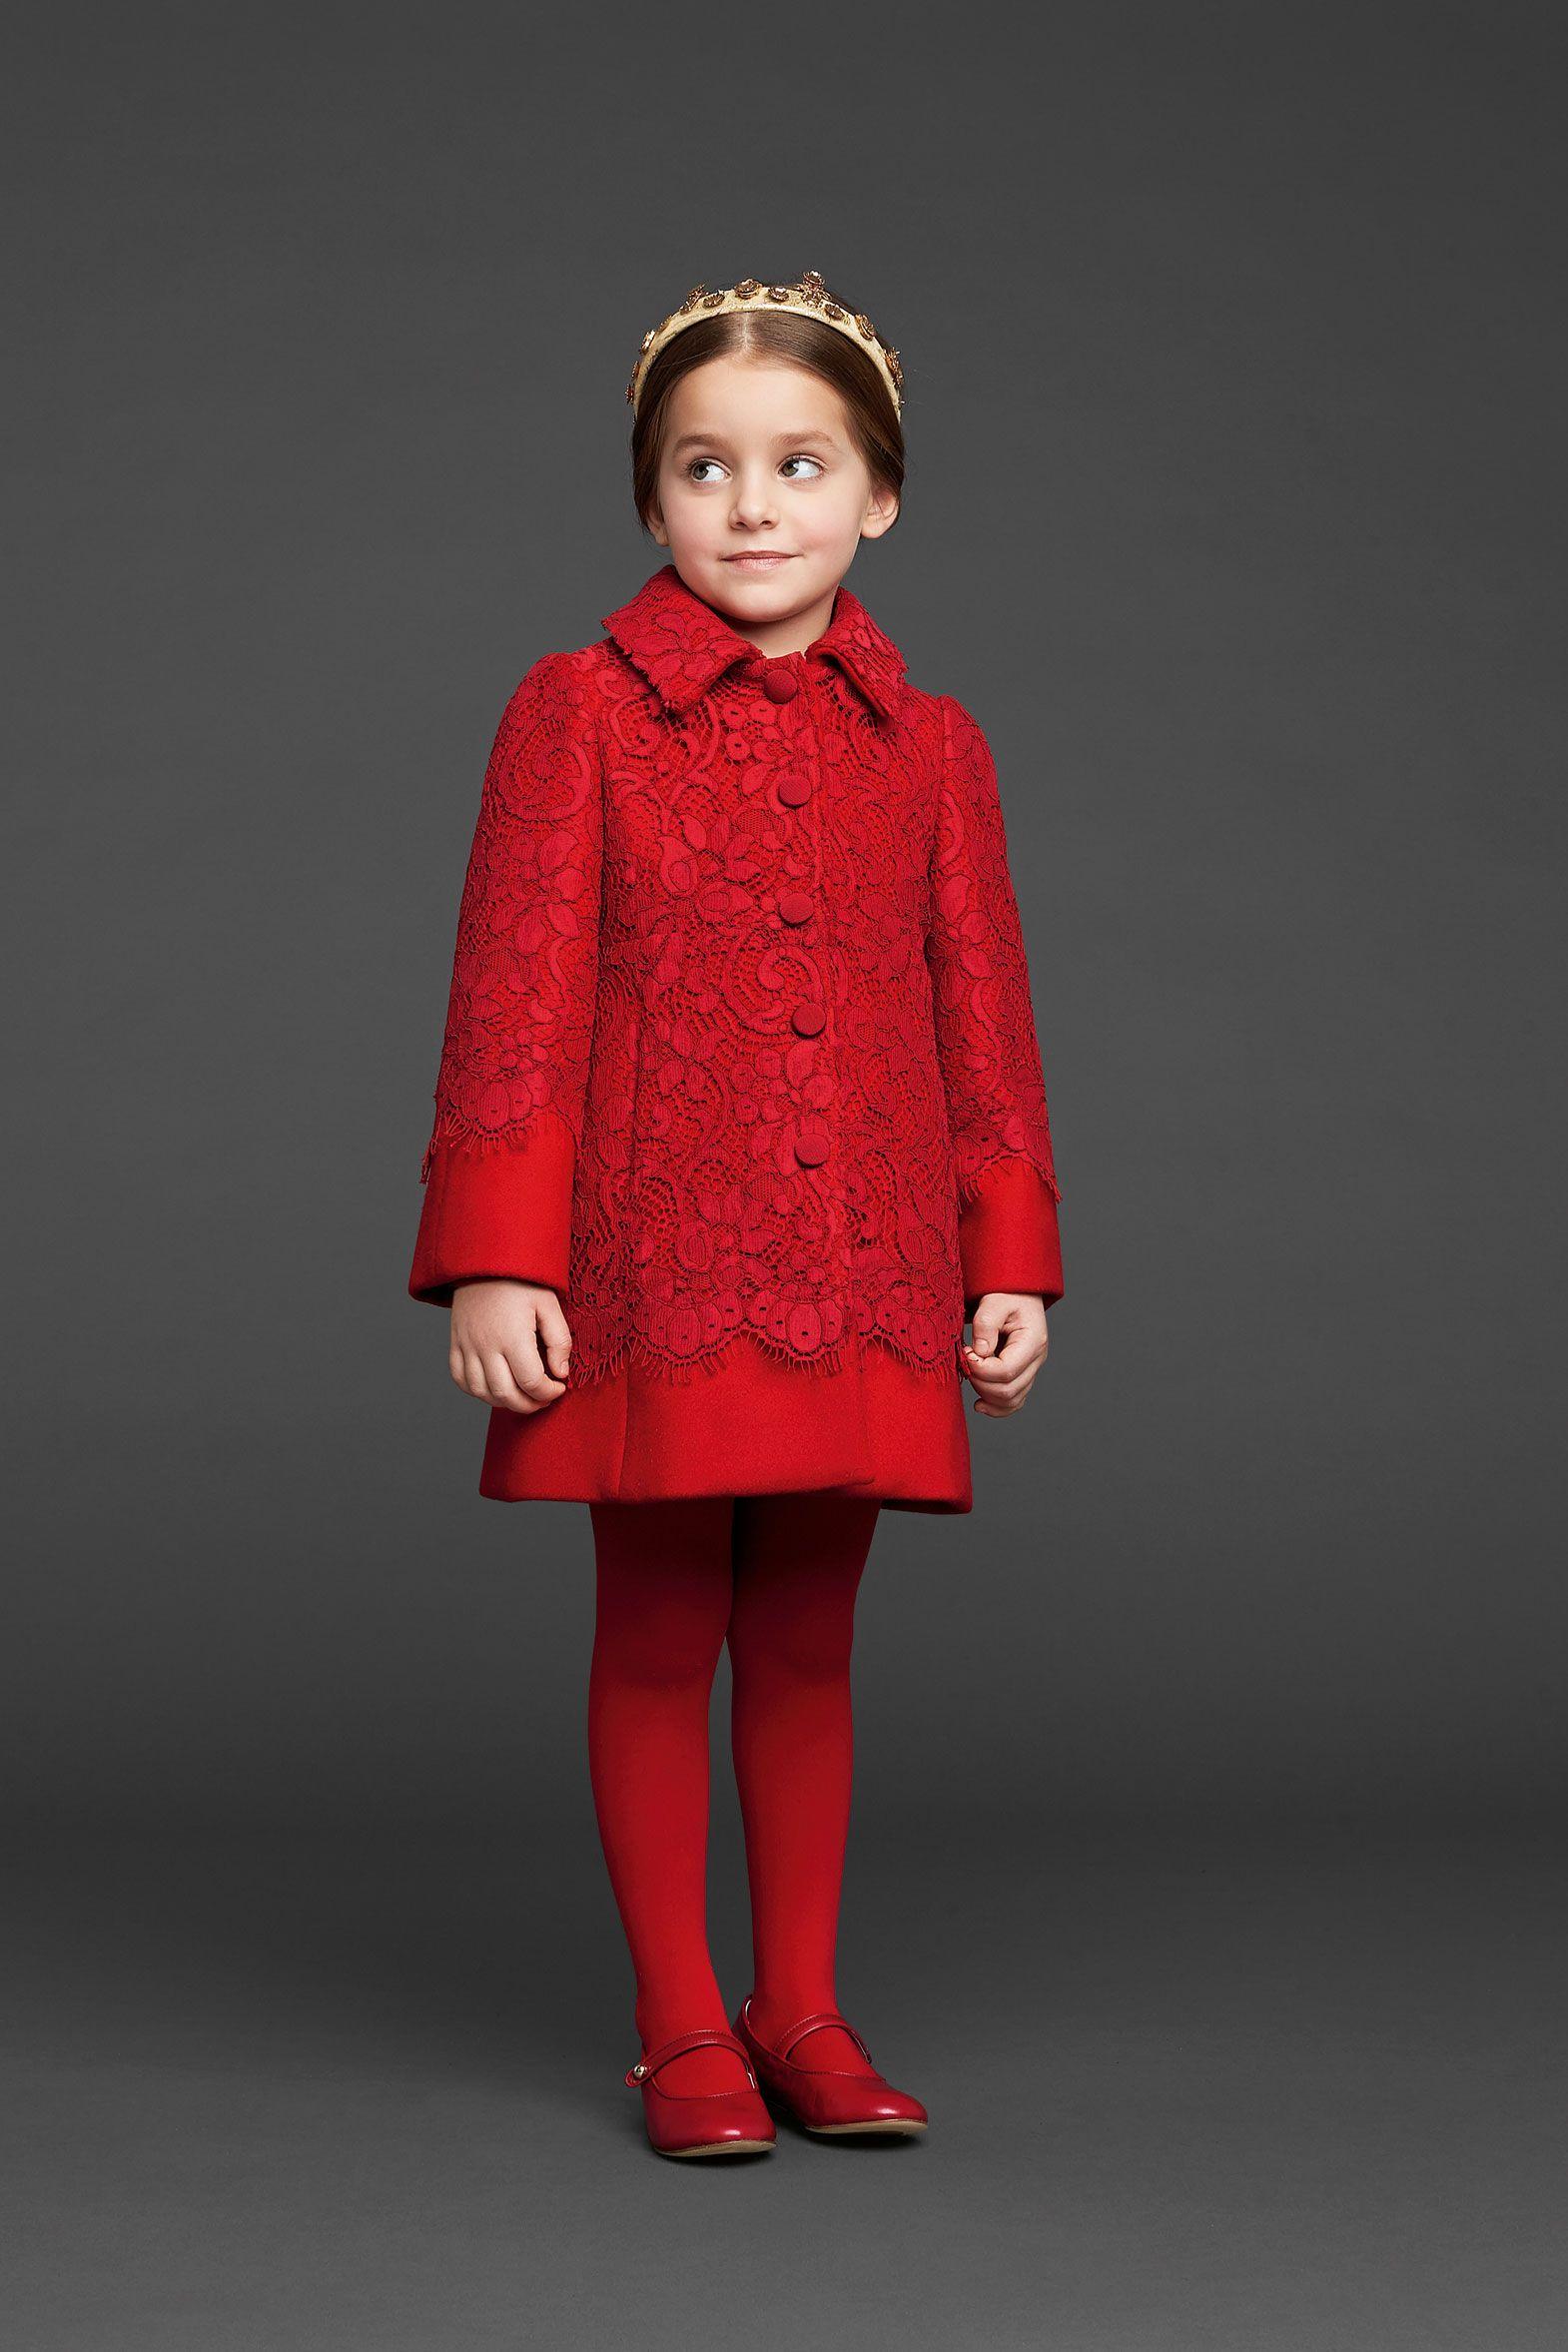 Dolce & Gabbana Kids Fall Winter 2013